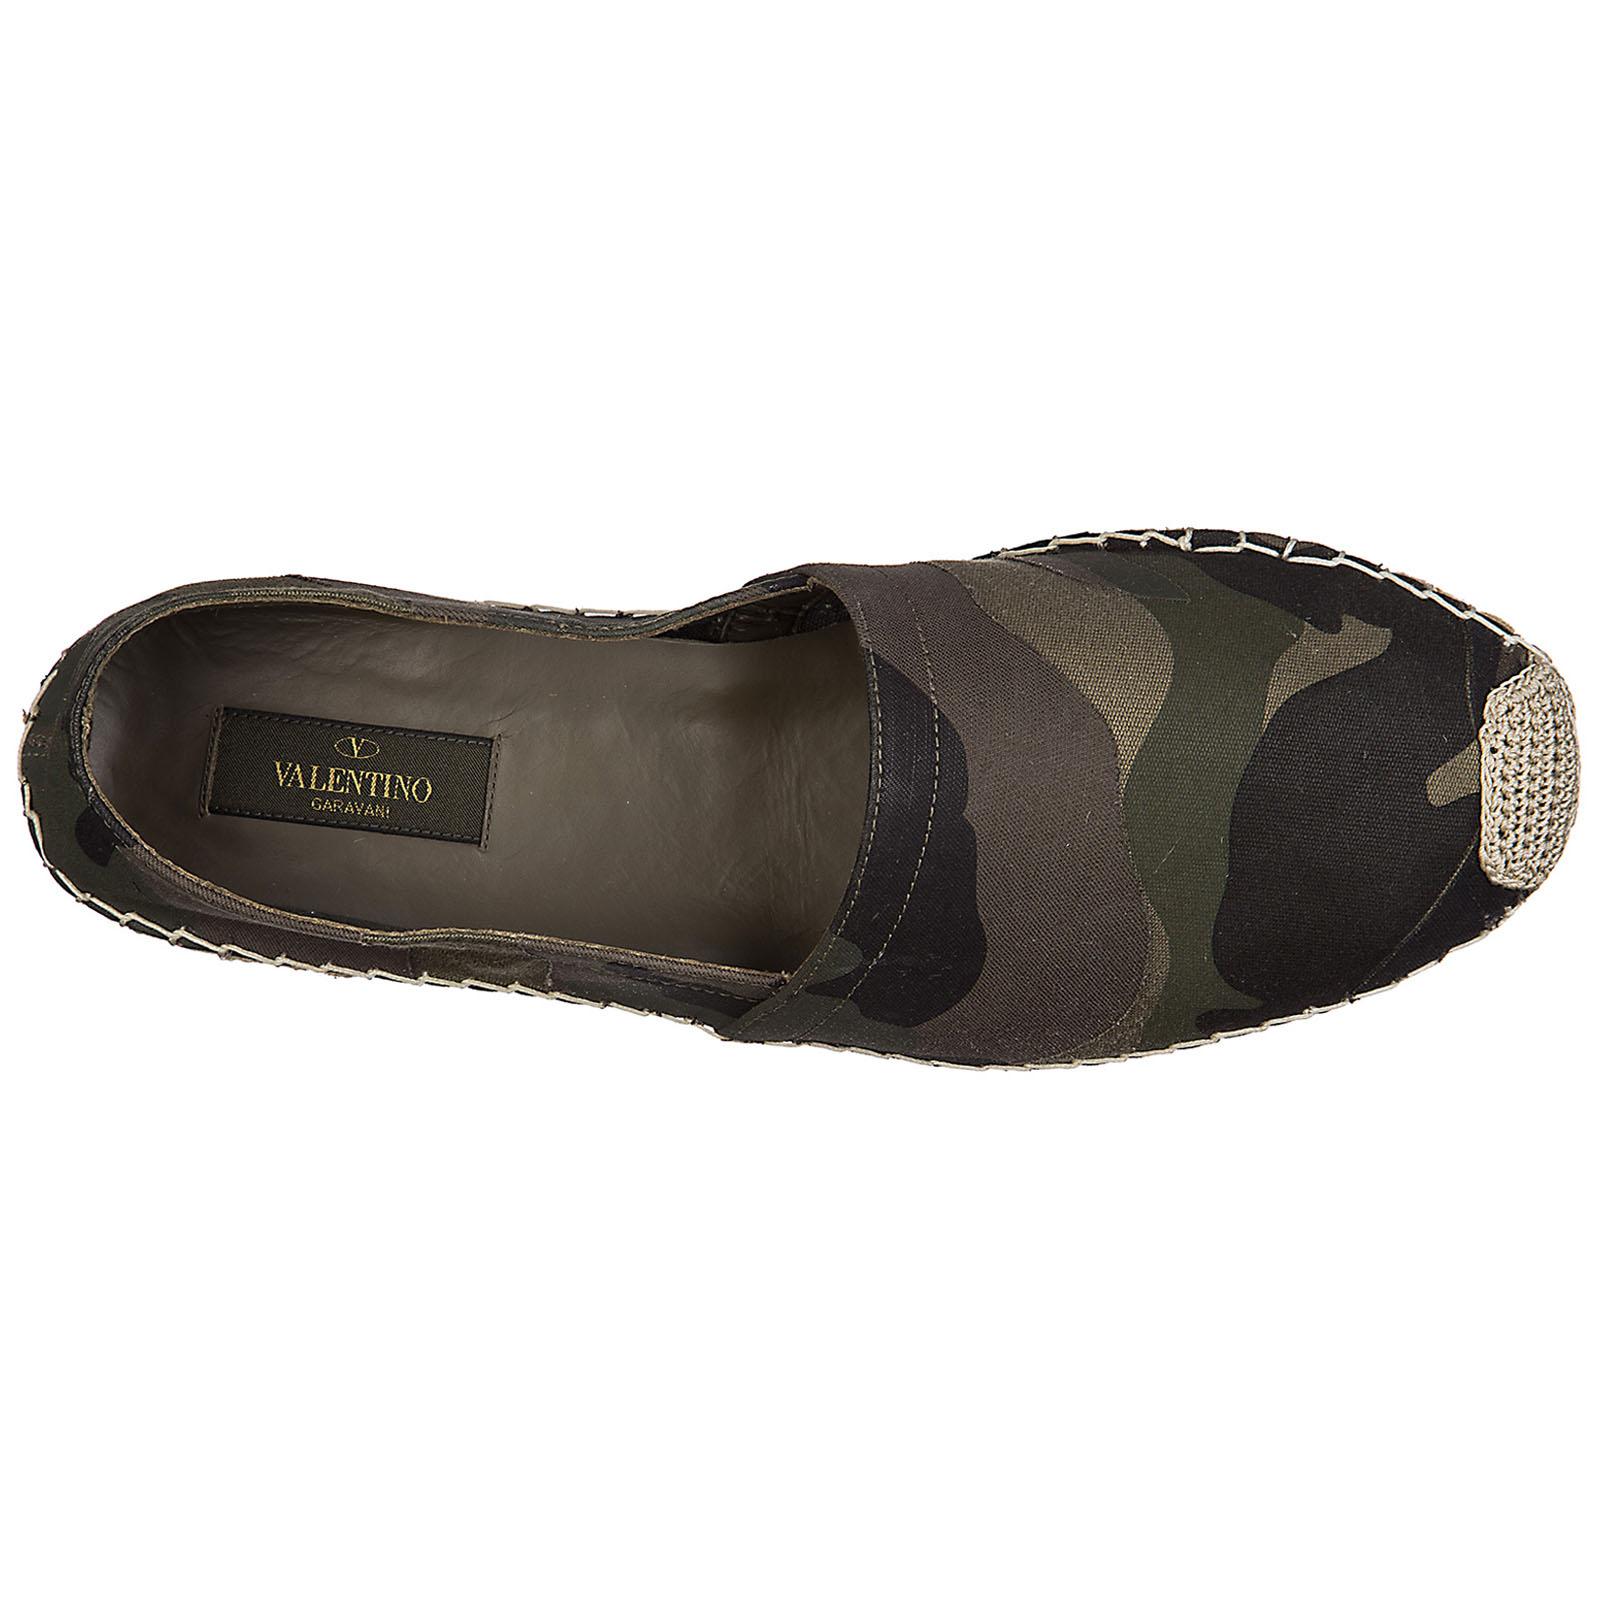 Men's cotton espadrilles slip on shoes camouflage